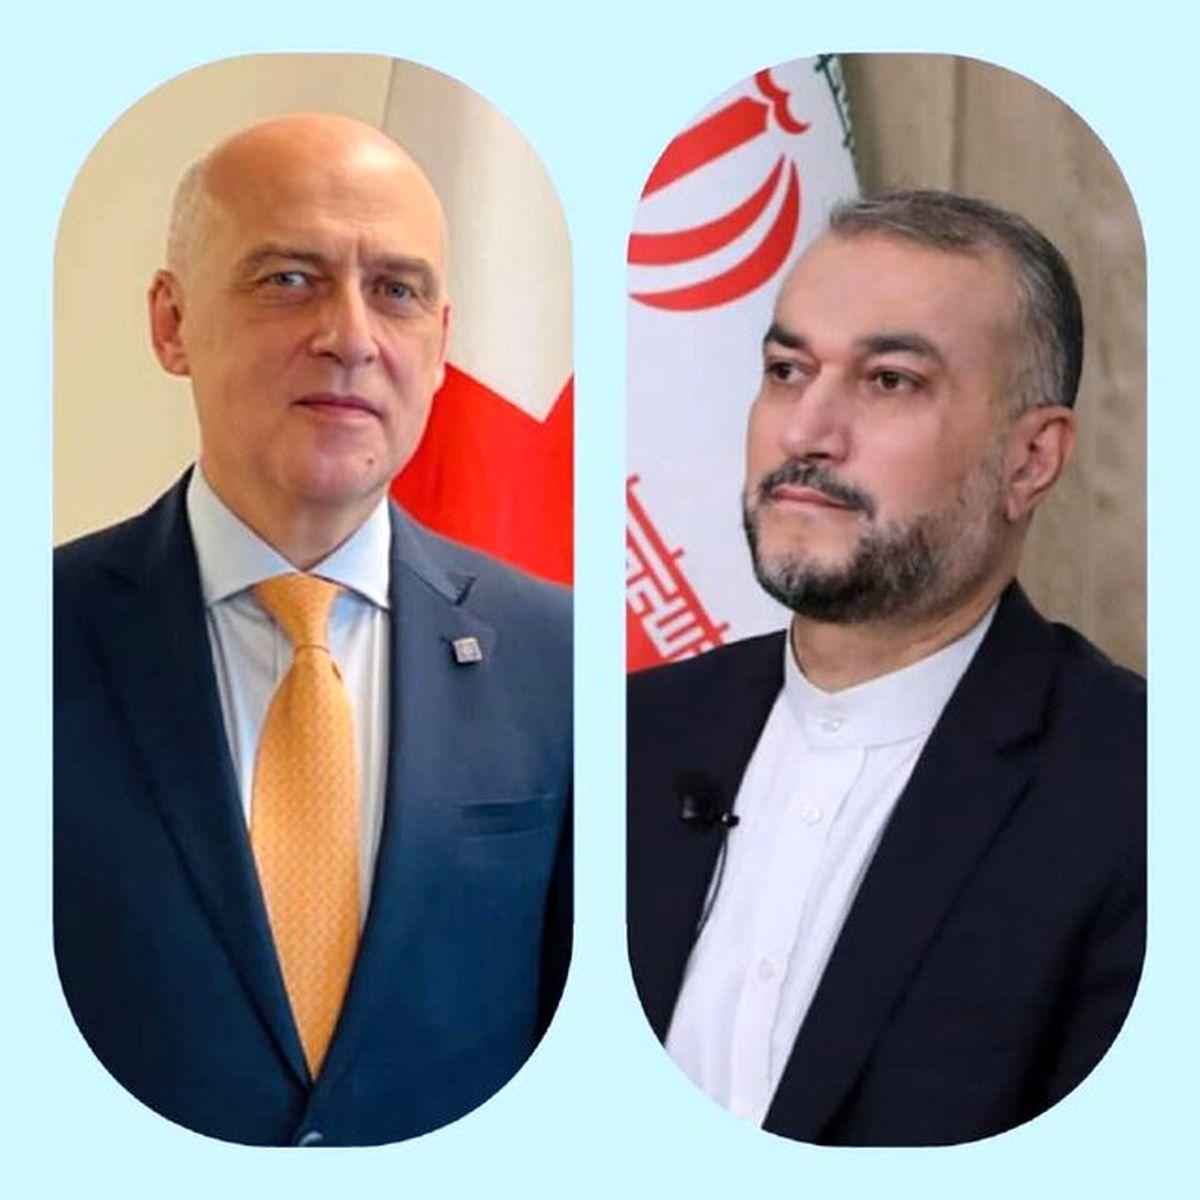 پیام وزیر خارجه گرجستان به امیر عبداللهیان